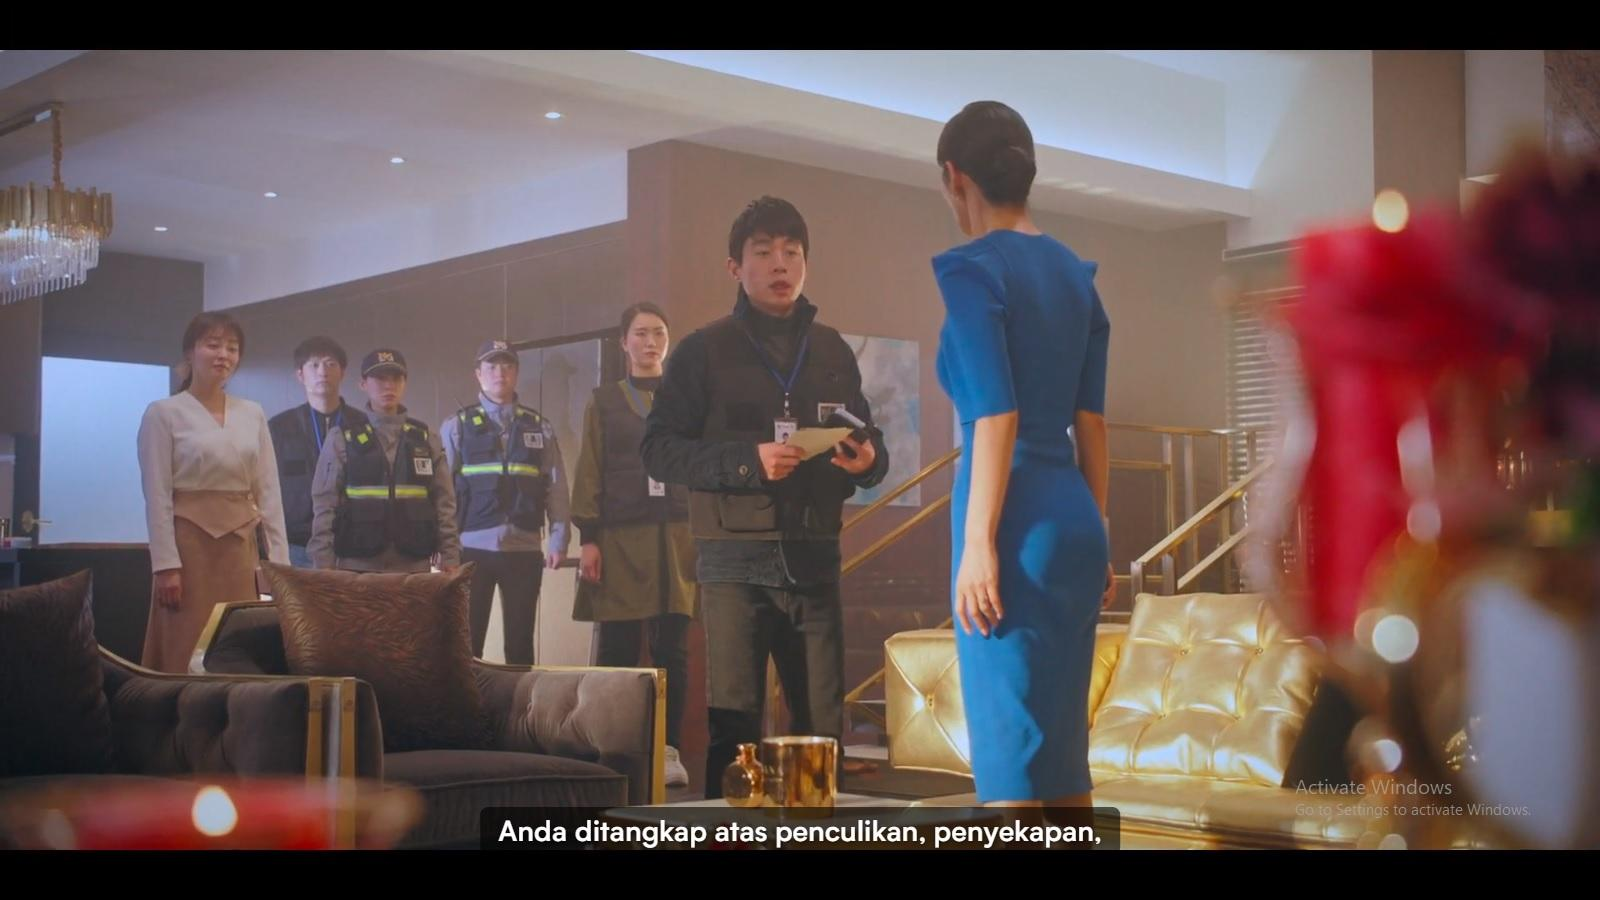 Cheon Seo Jin ditangkap atas tuduhan penculikan dan penyekapan terhadap Shim Su Ryeon dan Bae Ro Na.